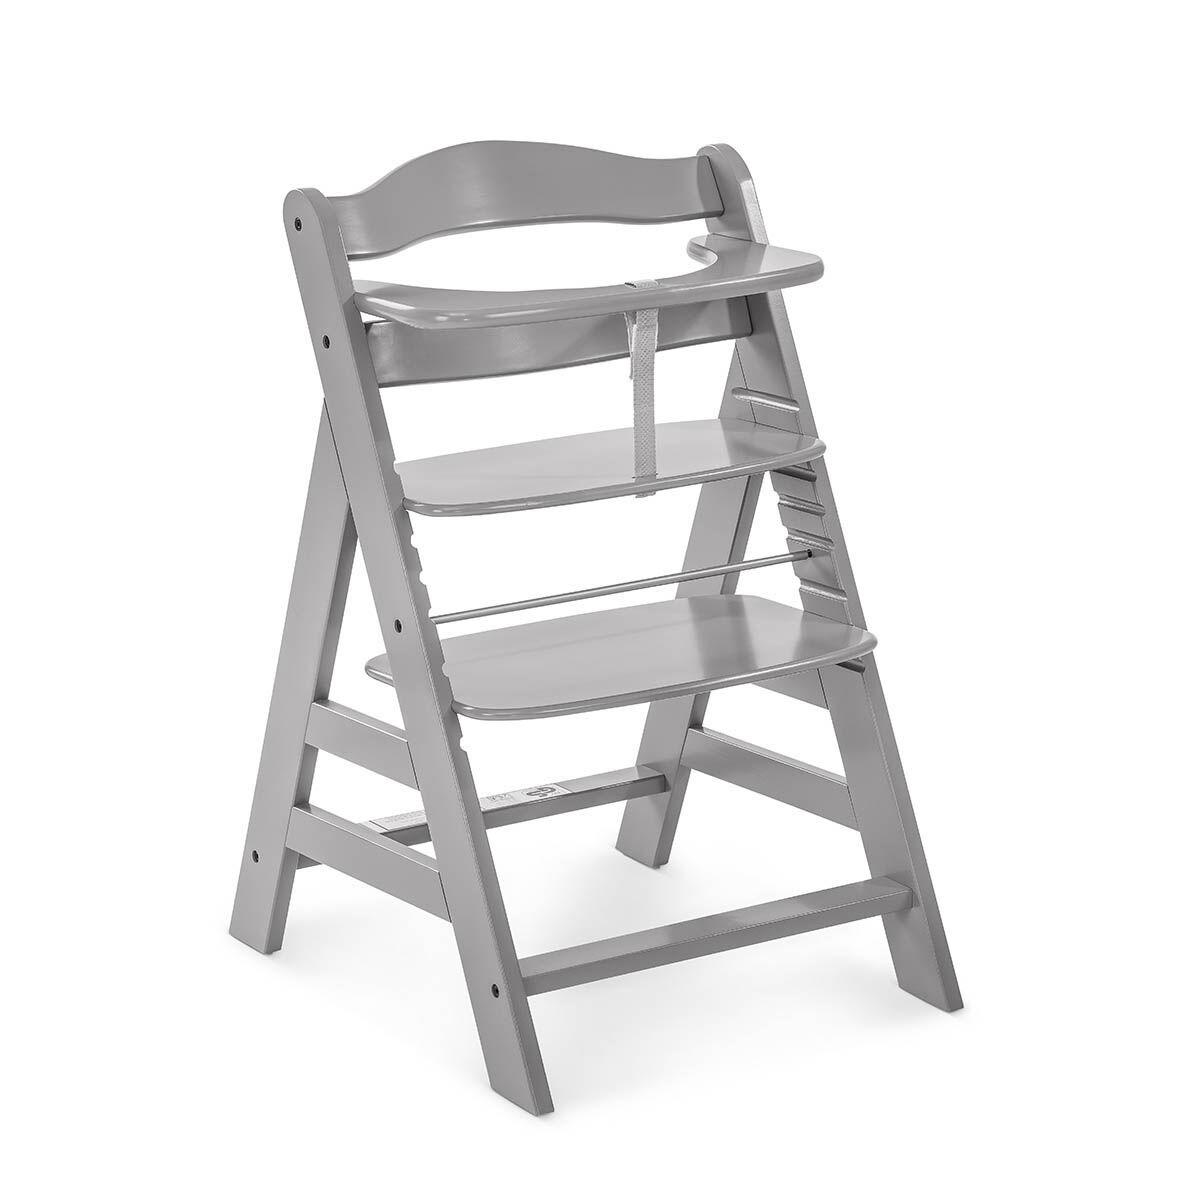 HAUCK Chaise haute gris